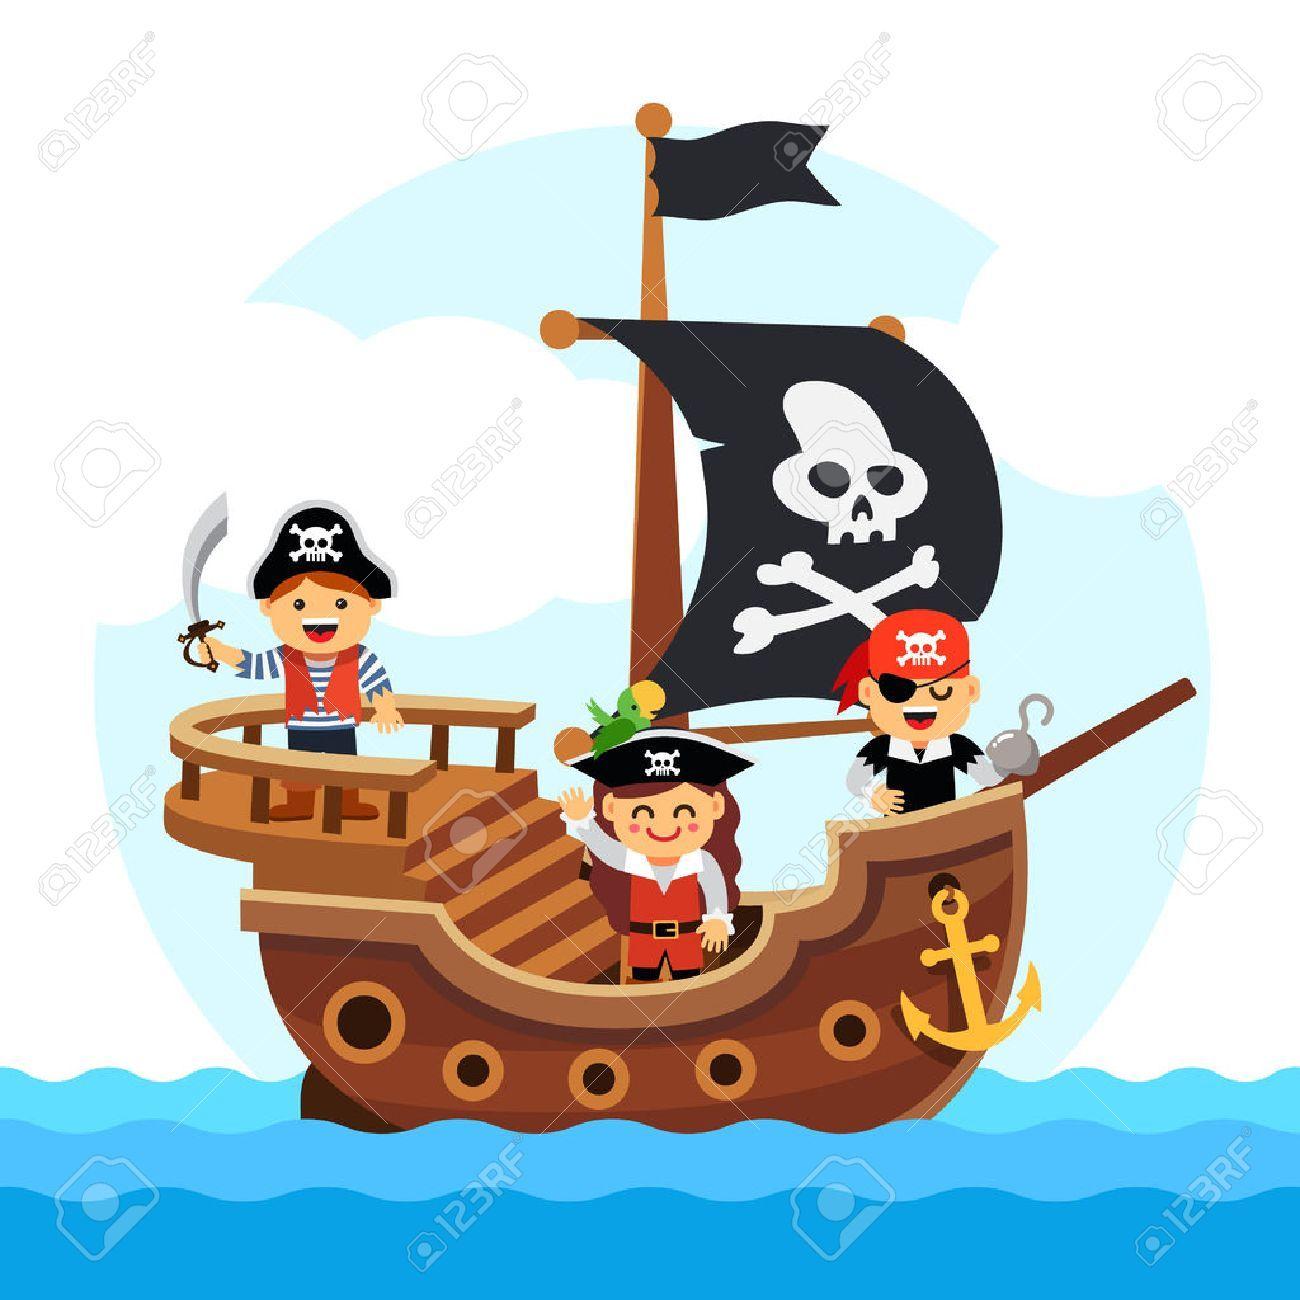 Pirate Kids Navire Naviguant Dans La Mer Avec Le Drapeau Noir Et Voile Decore Avec Crane Et Os Croises Le Style Plat Illustration De Bande Dessinee De Vecteur Cartoon Pirate